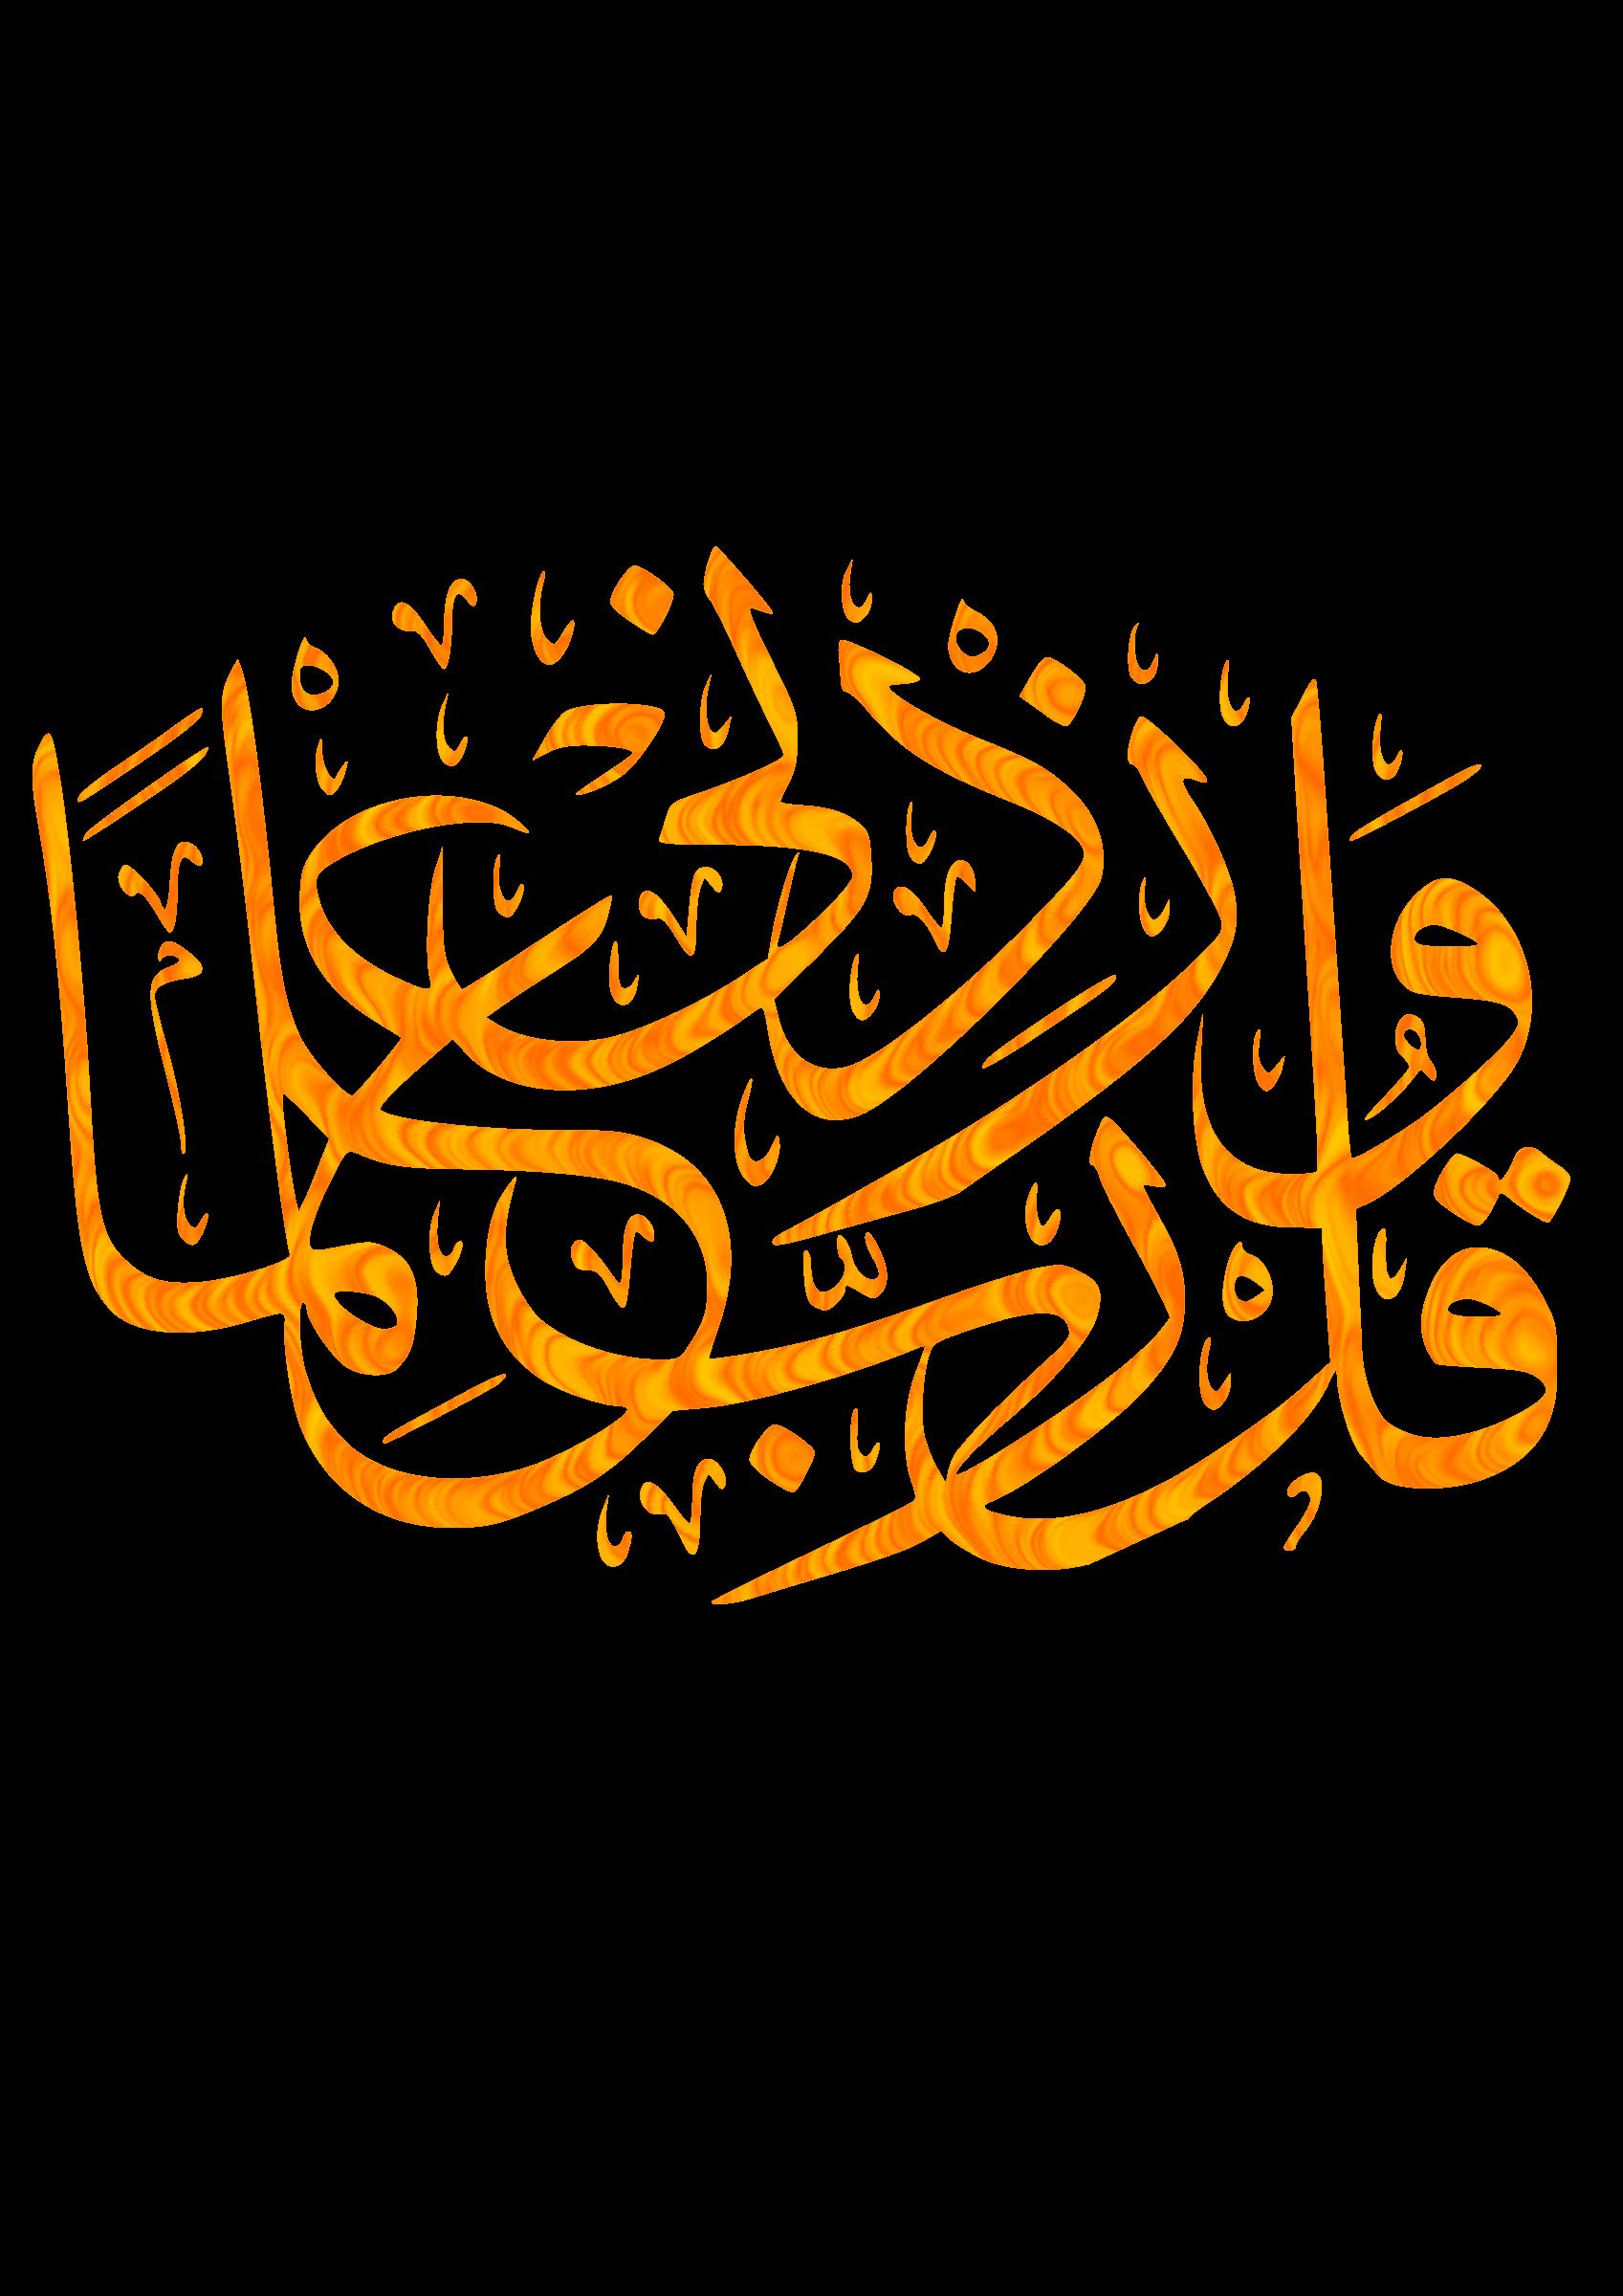 وقل ربي زدني علما By Qmc Media For More Visit Us On Https Www Facebook Com Q Islamic Calligraphy Islamic Caligraphy Art Islamic Calligraphy Painting